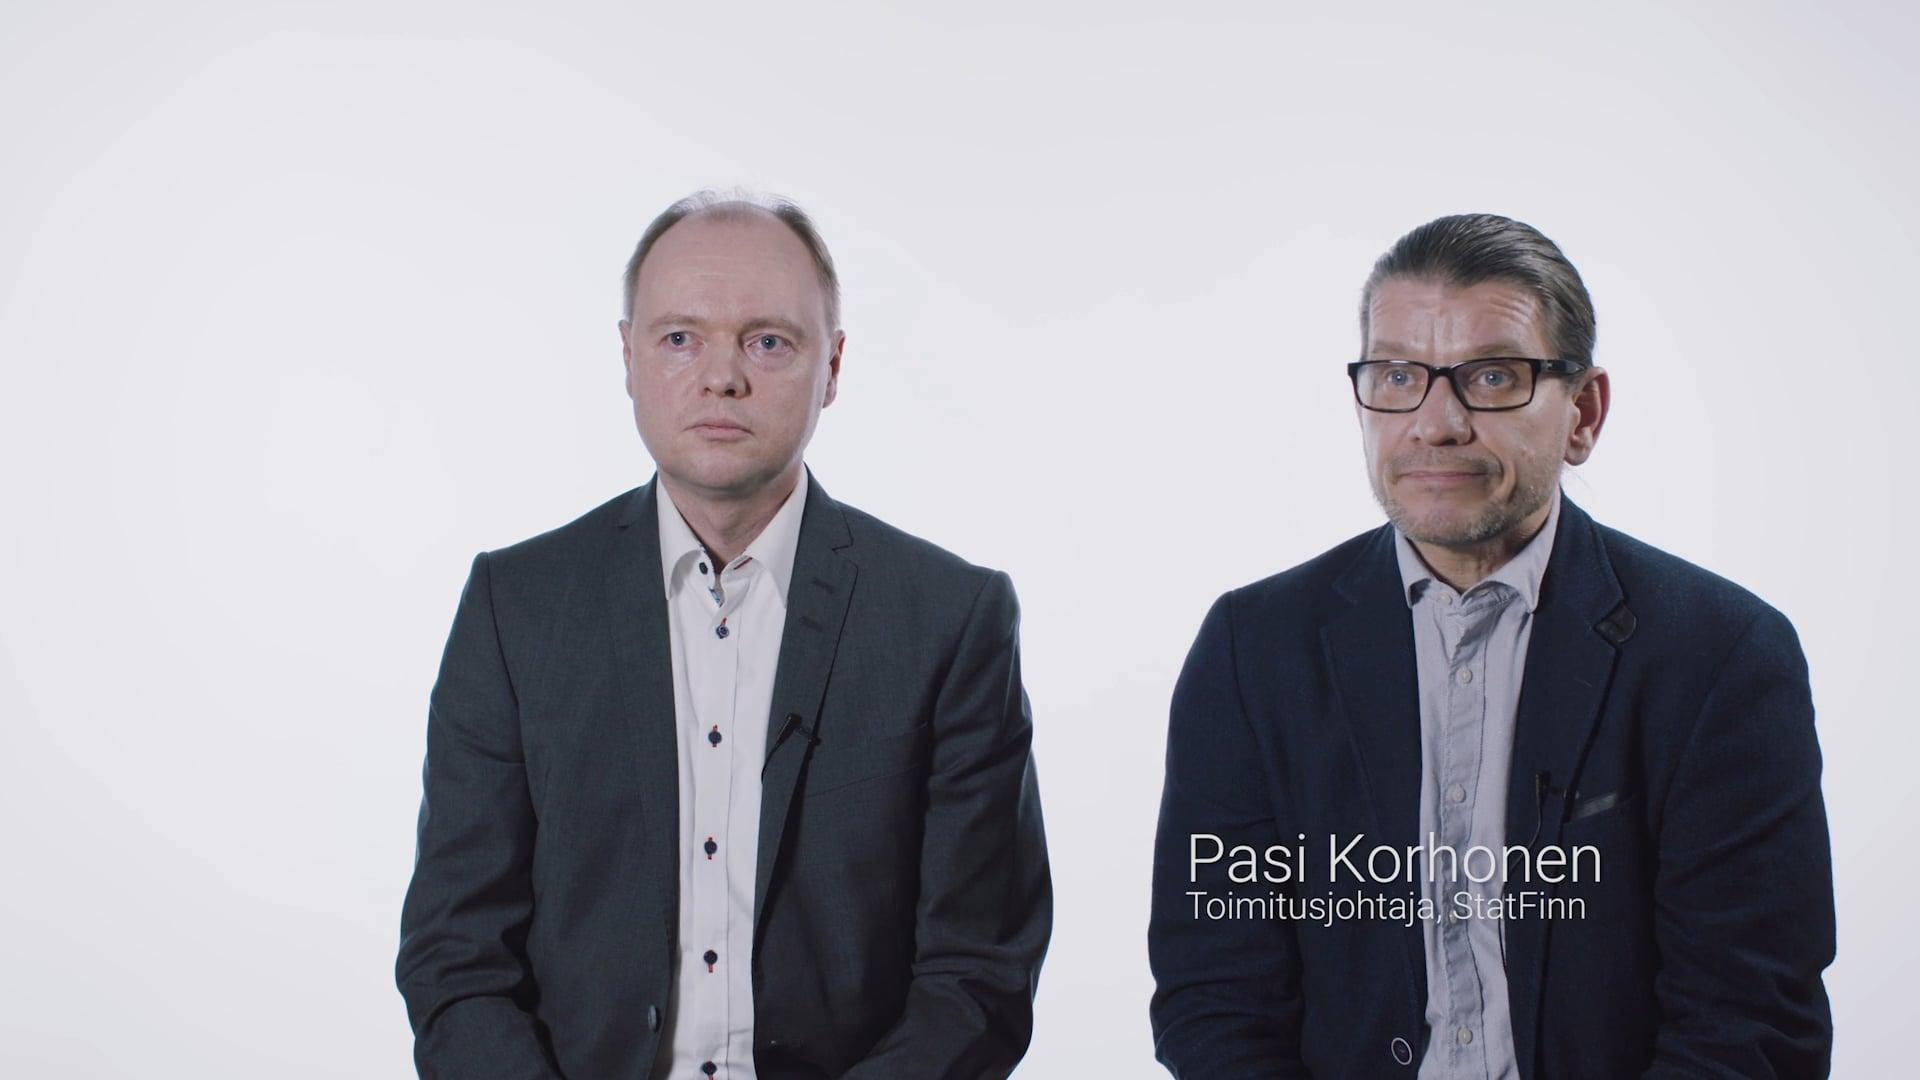 Etevä & StatFinn